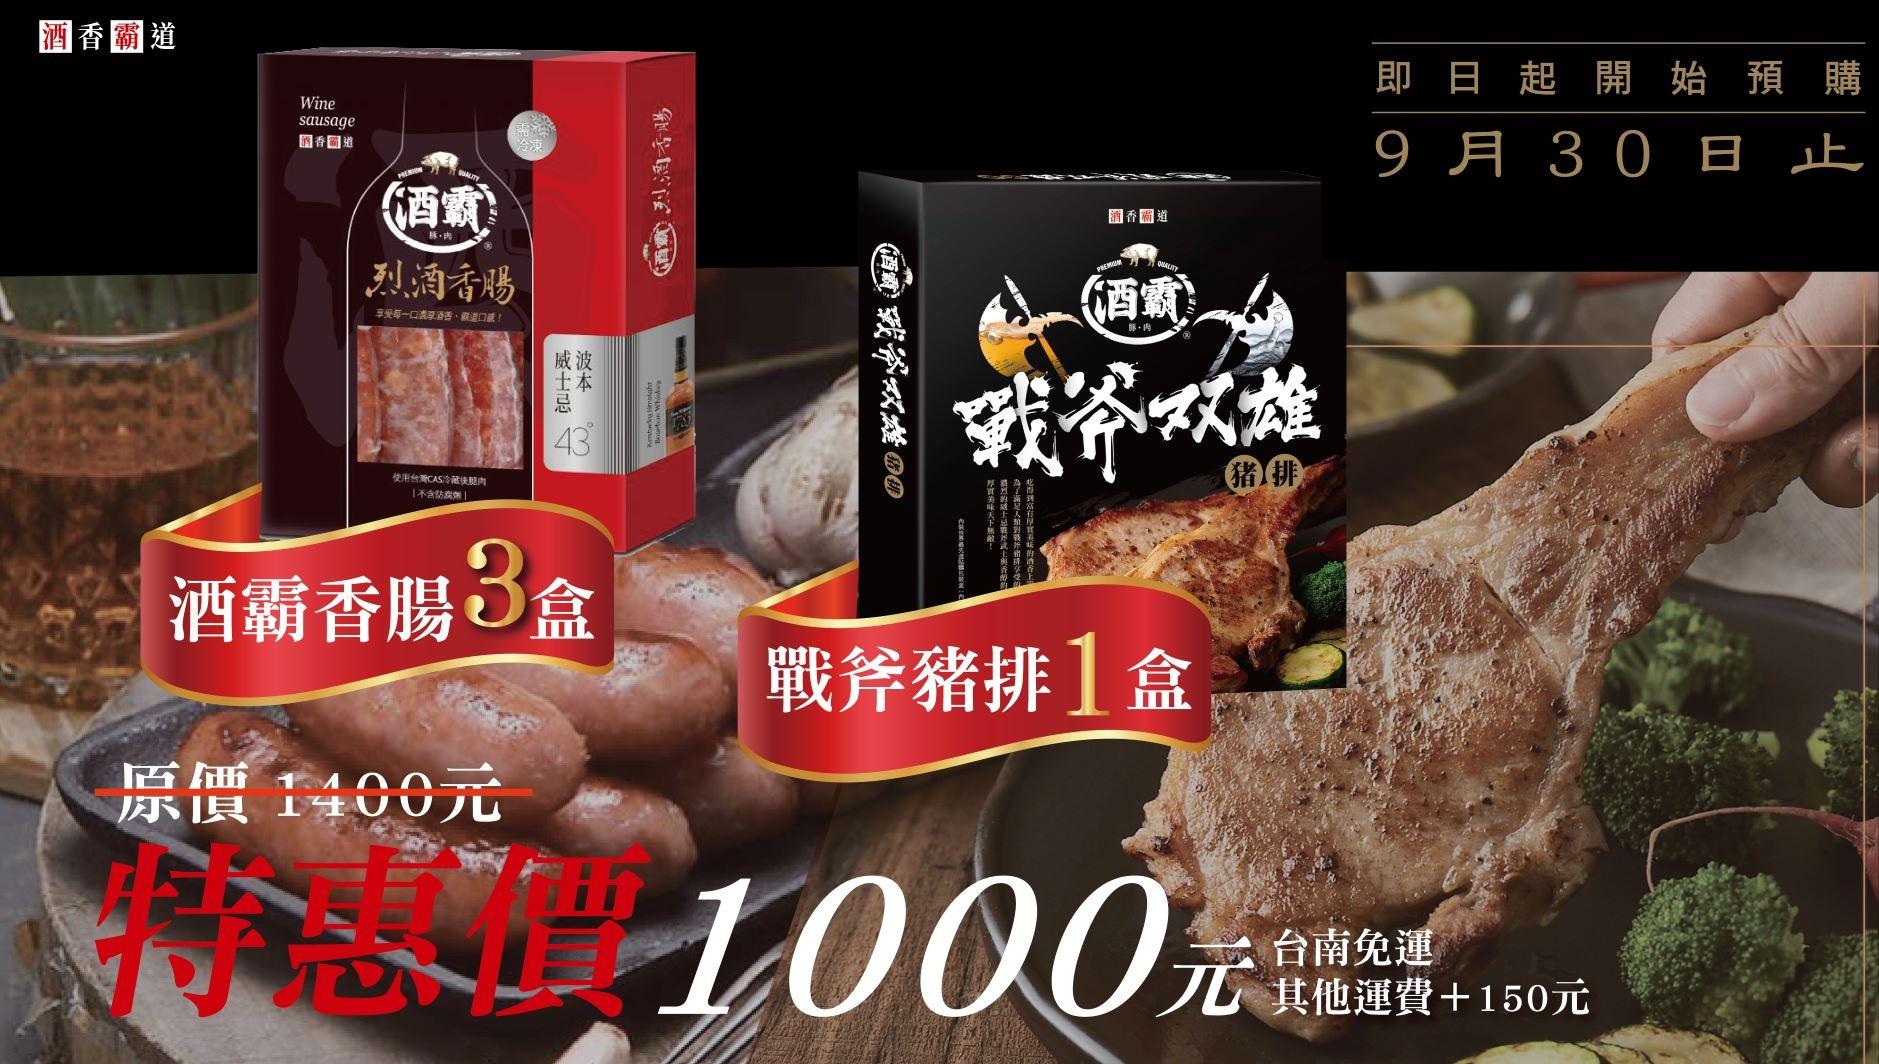 酒霸1000元烤肉組合 (一盒加收160運費)2組免運  (冷凍產品暫無貨到付款方式)